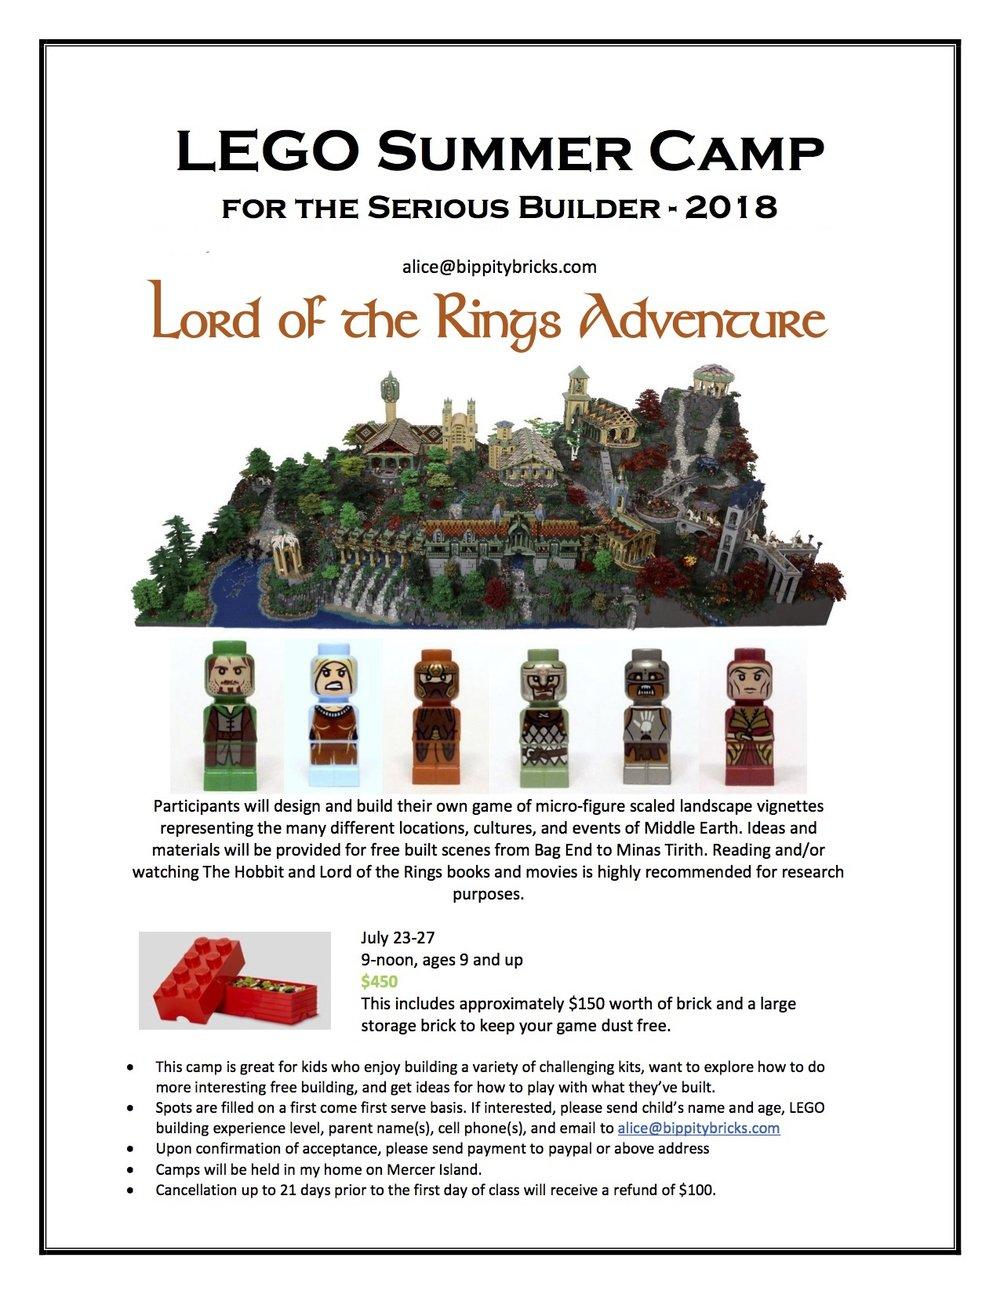 2018_summer_camp_flyer-_LOTR.jpg